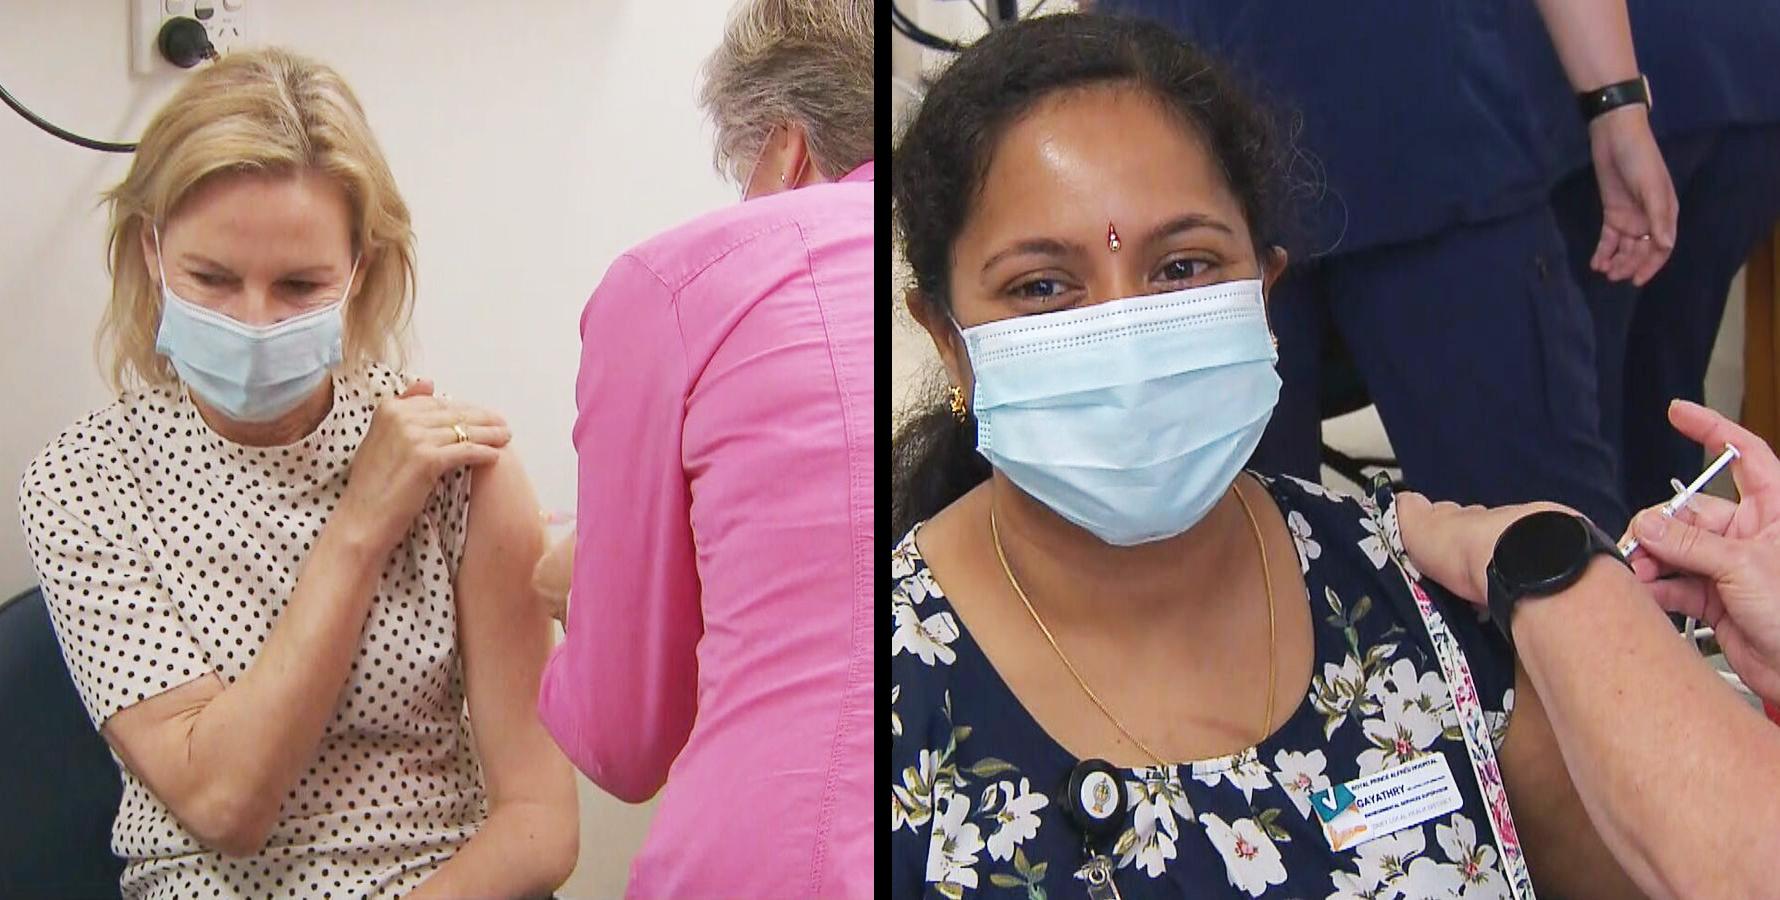 برنامه واکسیناسیون کرونا در استرالیا آغاز شد